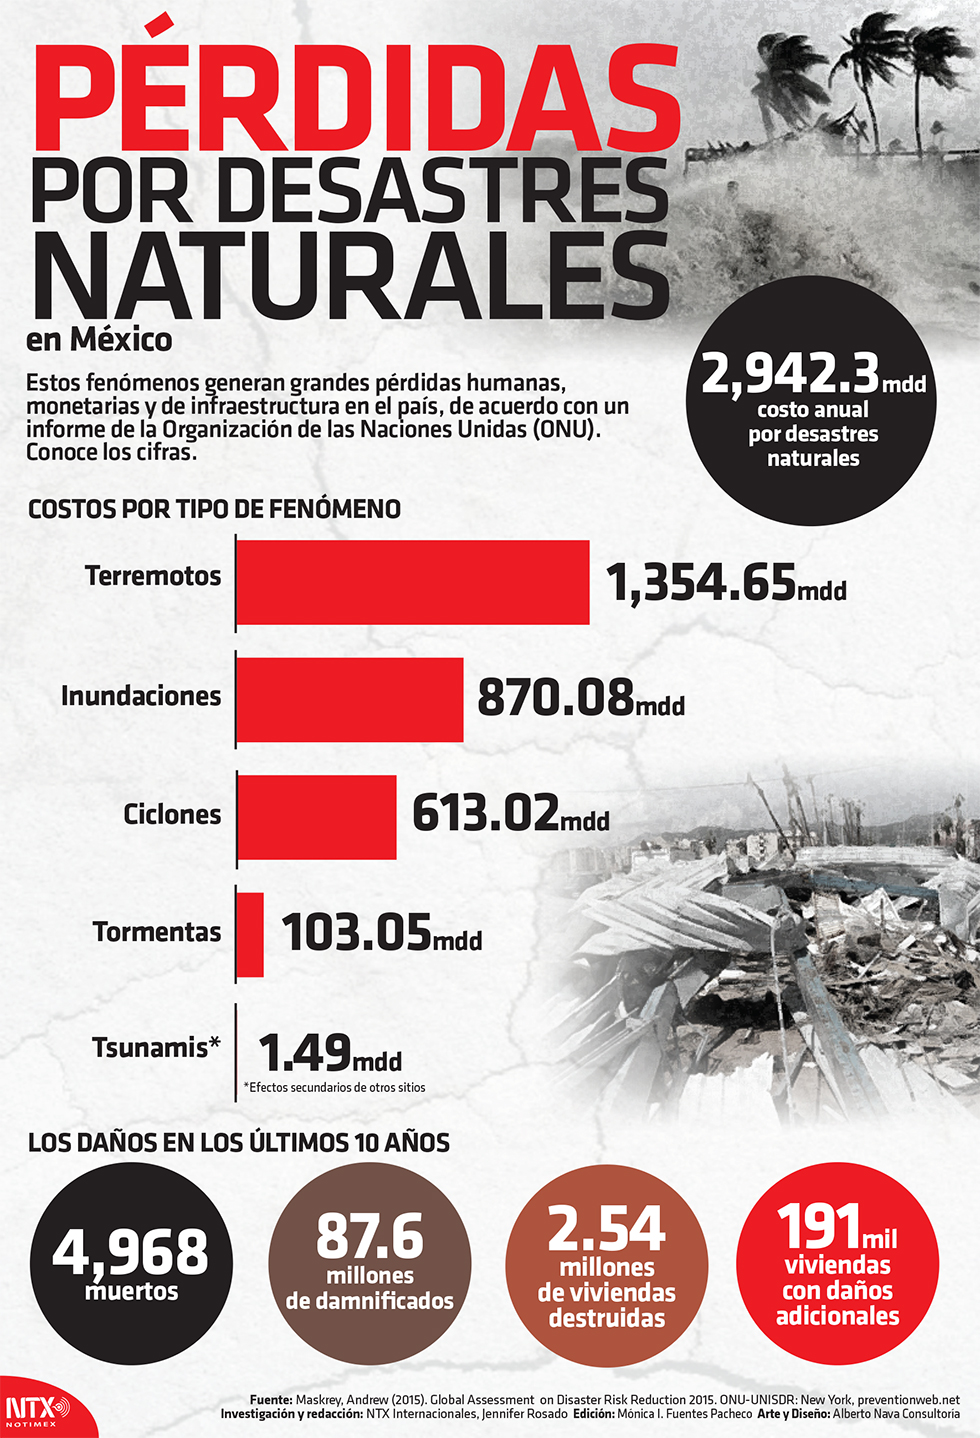 Pérdidas por desastres naturales en México